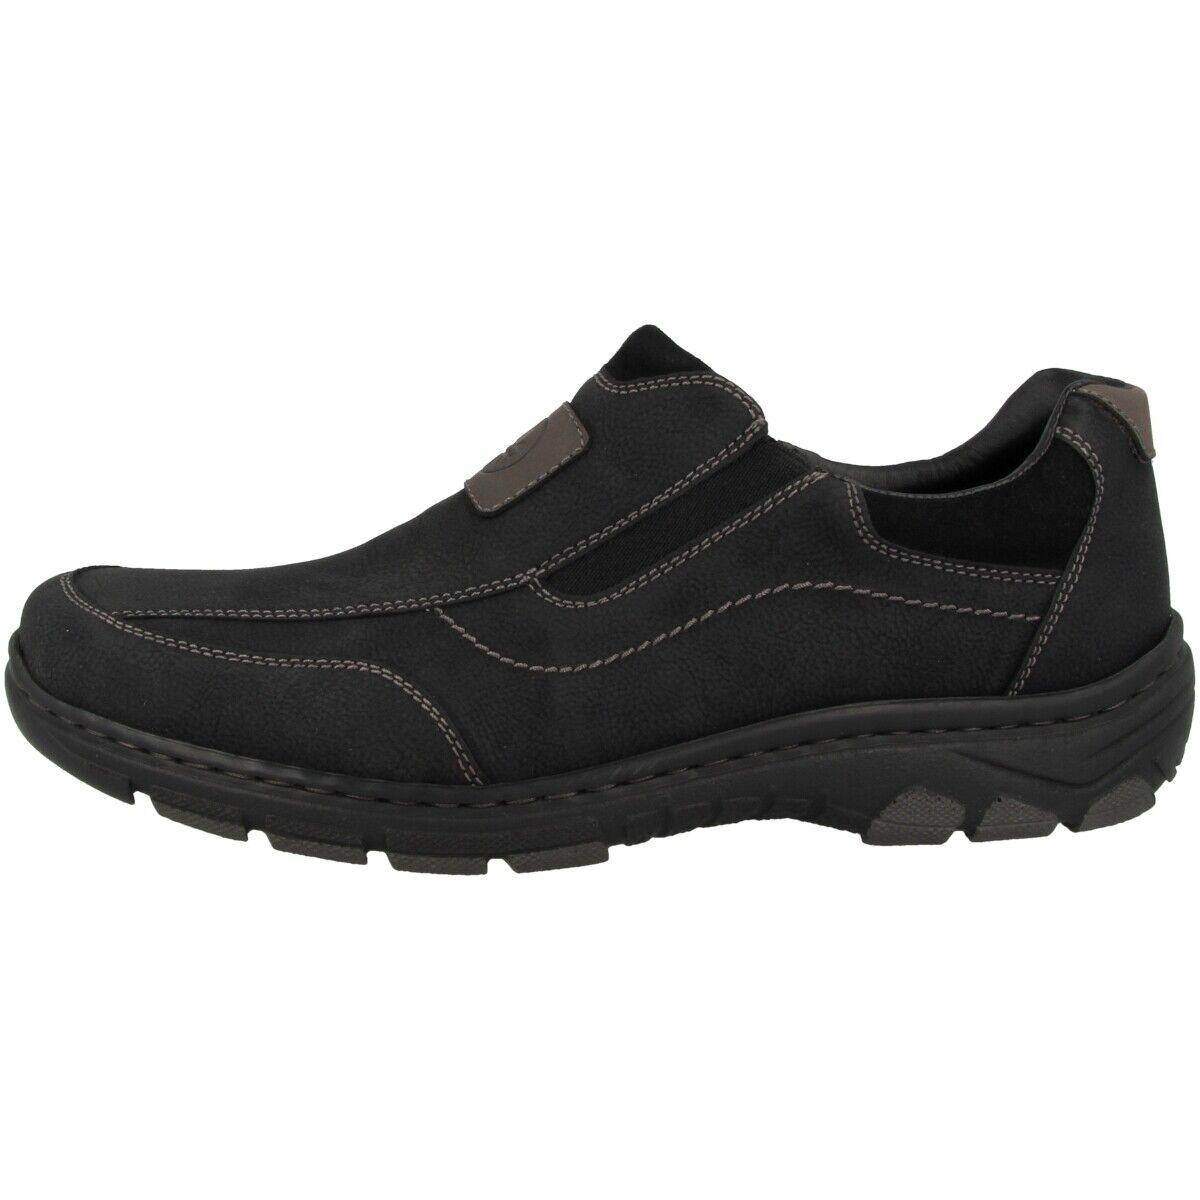 Rieker NaBlaus-Bastia-Virage Schuhe Herren Halbschuhe Antistress Slipper 19960-00